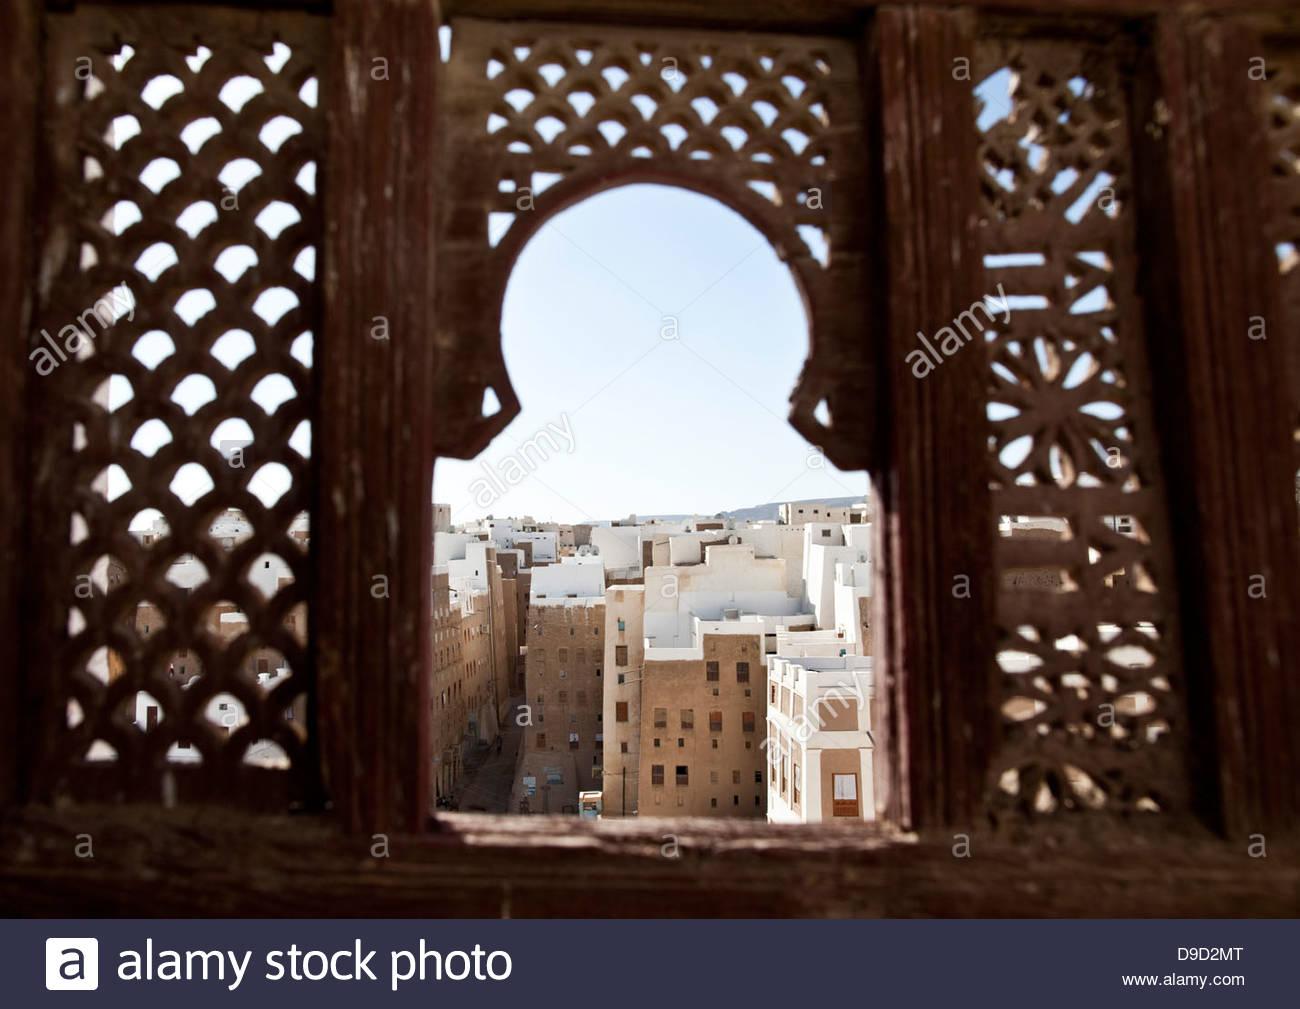 Apartments viewed through a window, Shibam, Hadhramaut, Yemen - Stock Image